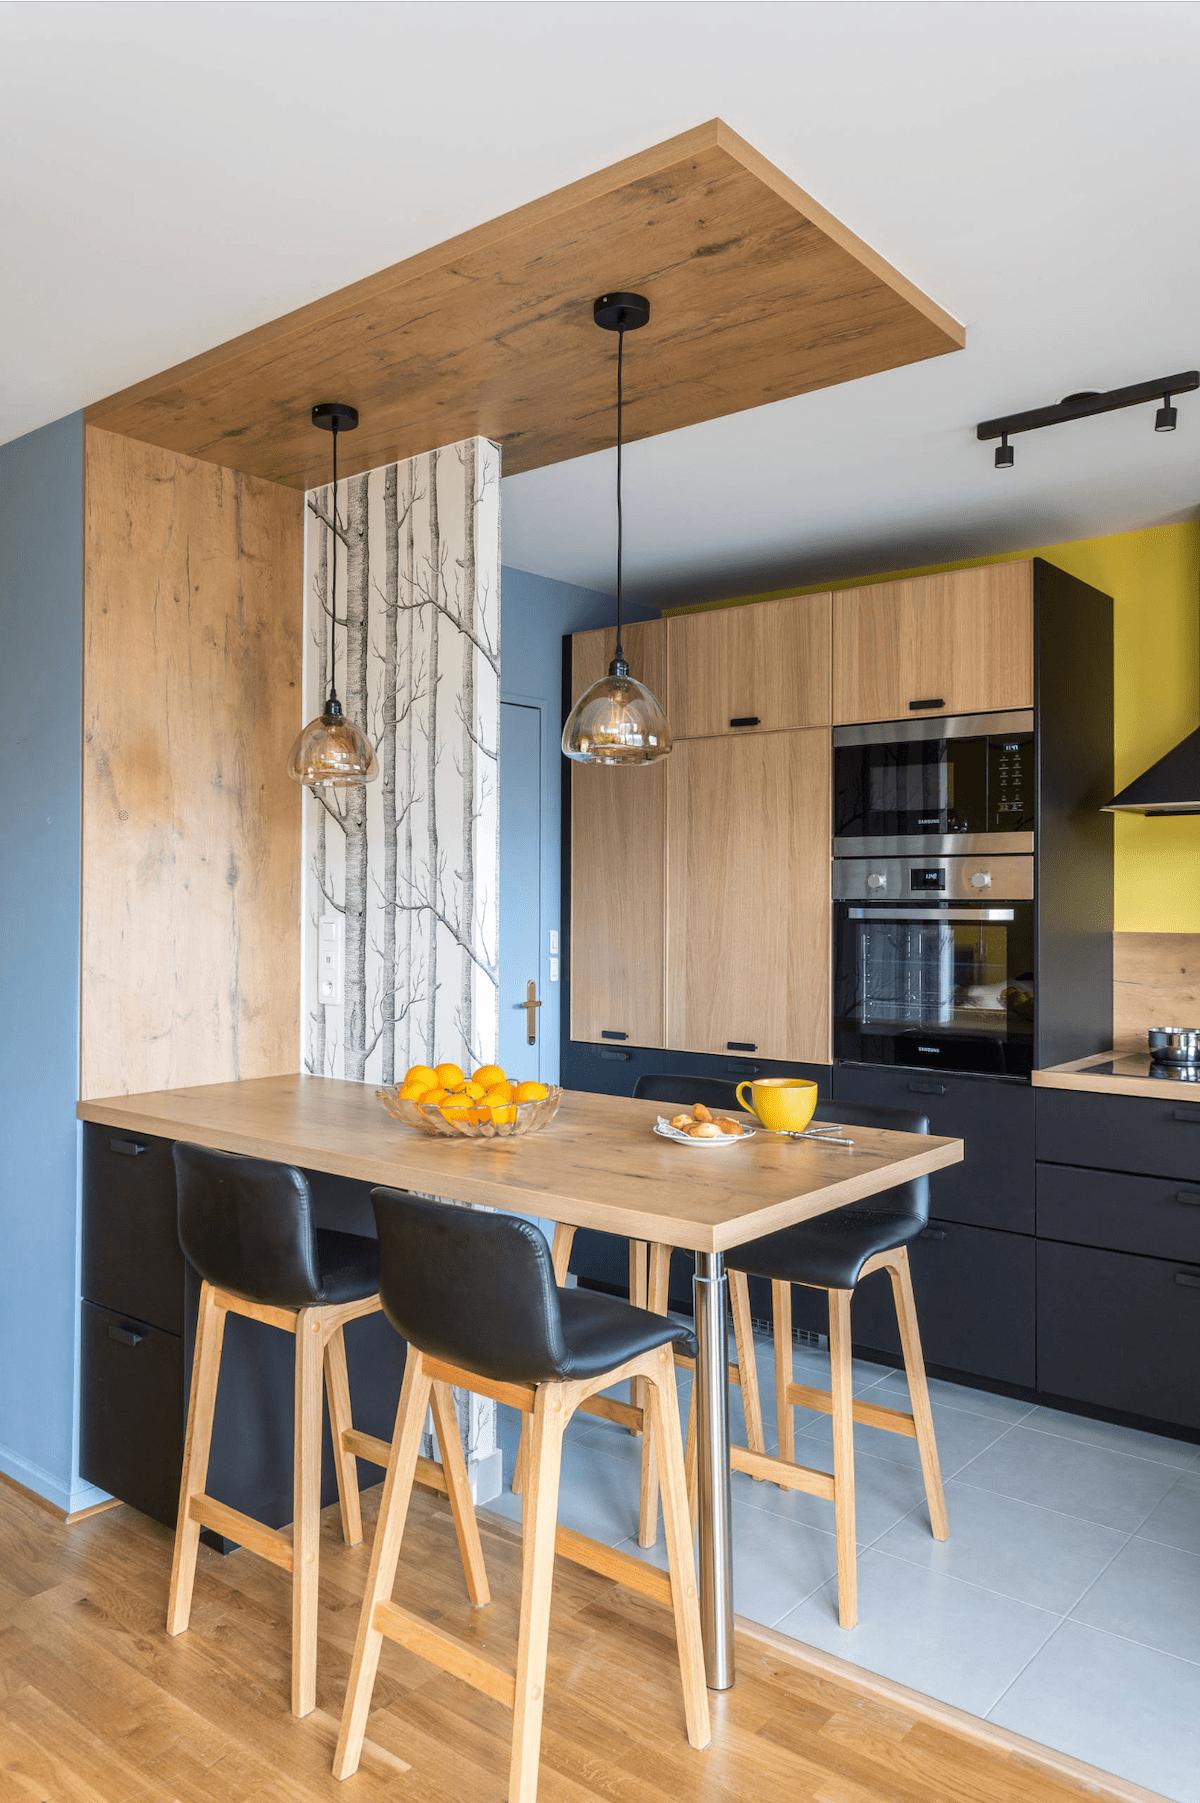 Creer Une Separation Dans Un Salon cuisine ouverte sur salon réussie : 20 astuces | ide dapur